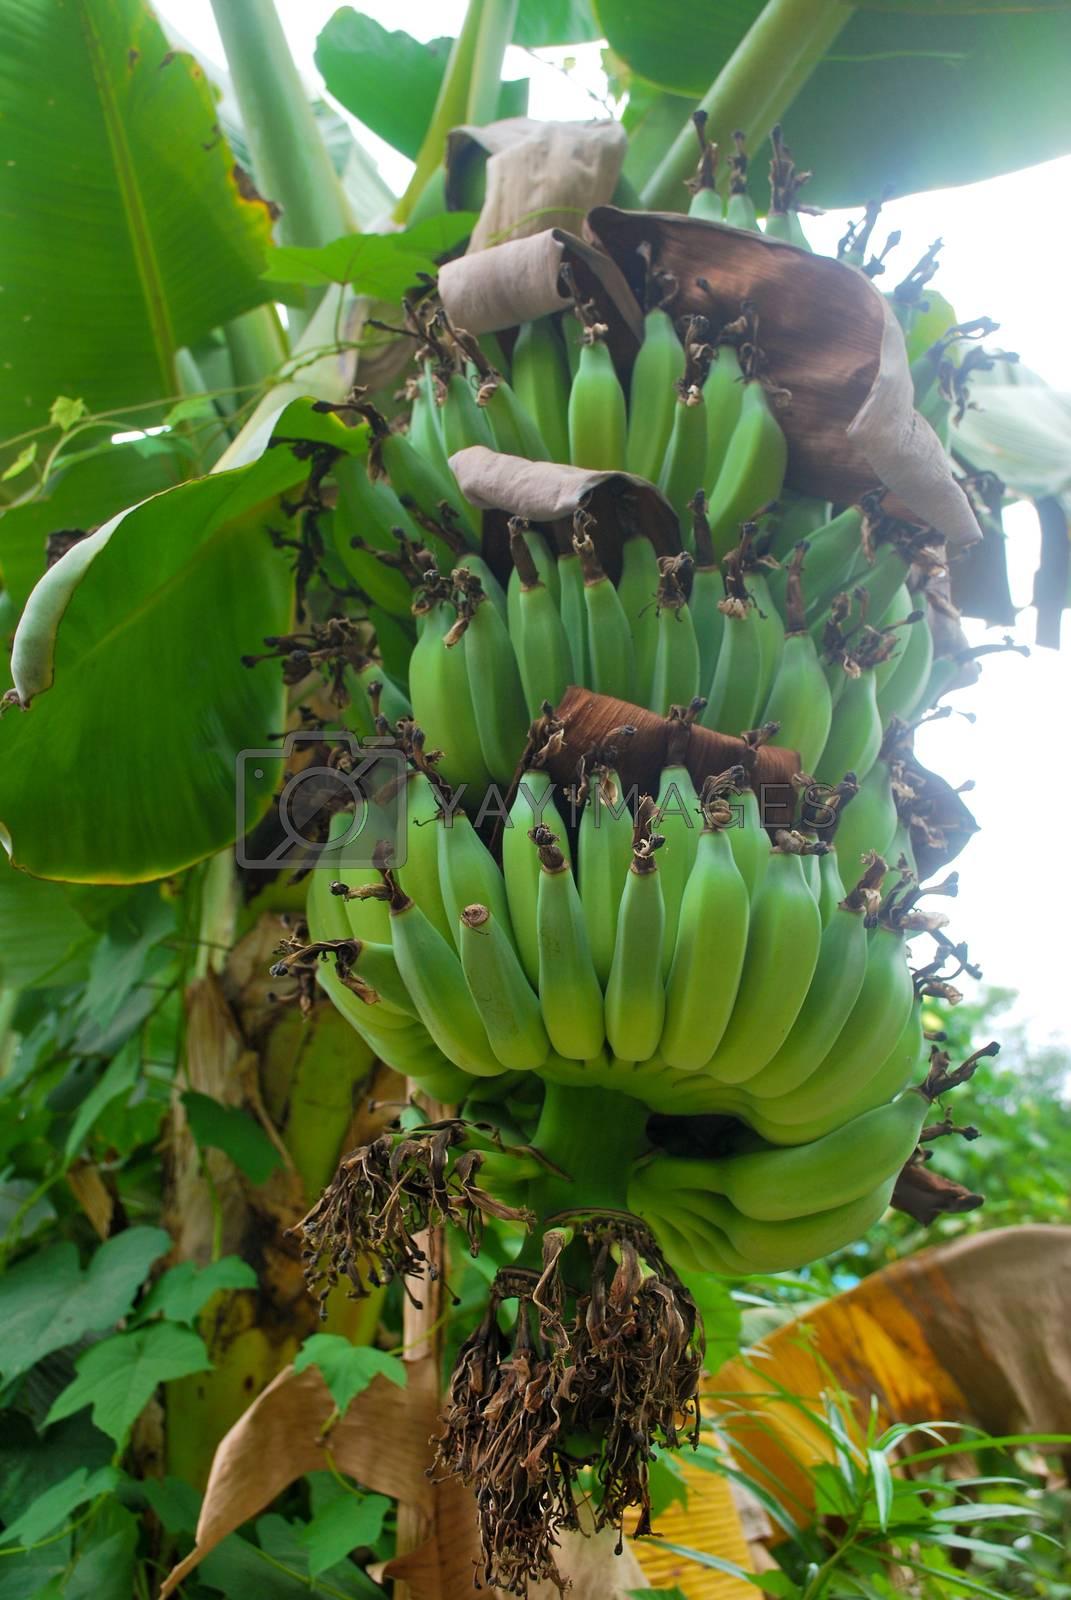 Banana species in Thailand, light green raw banana.